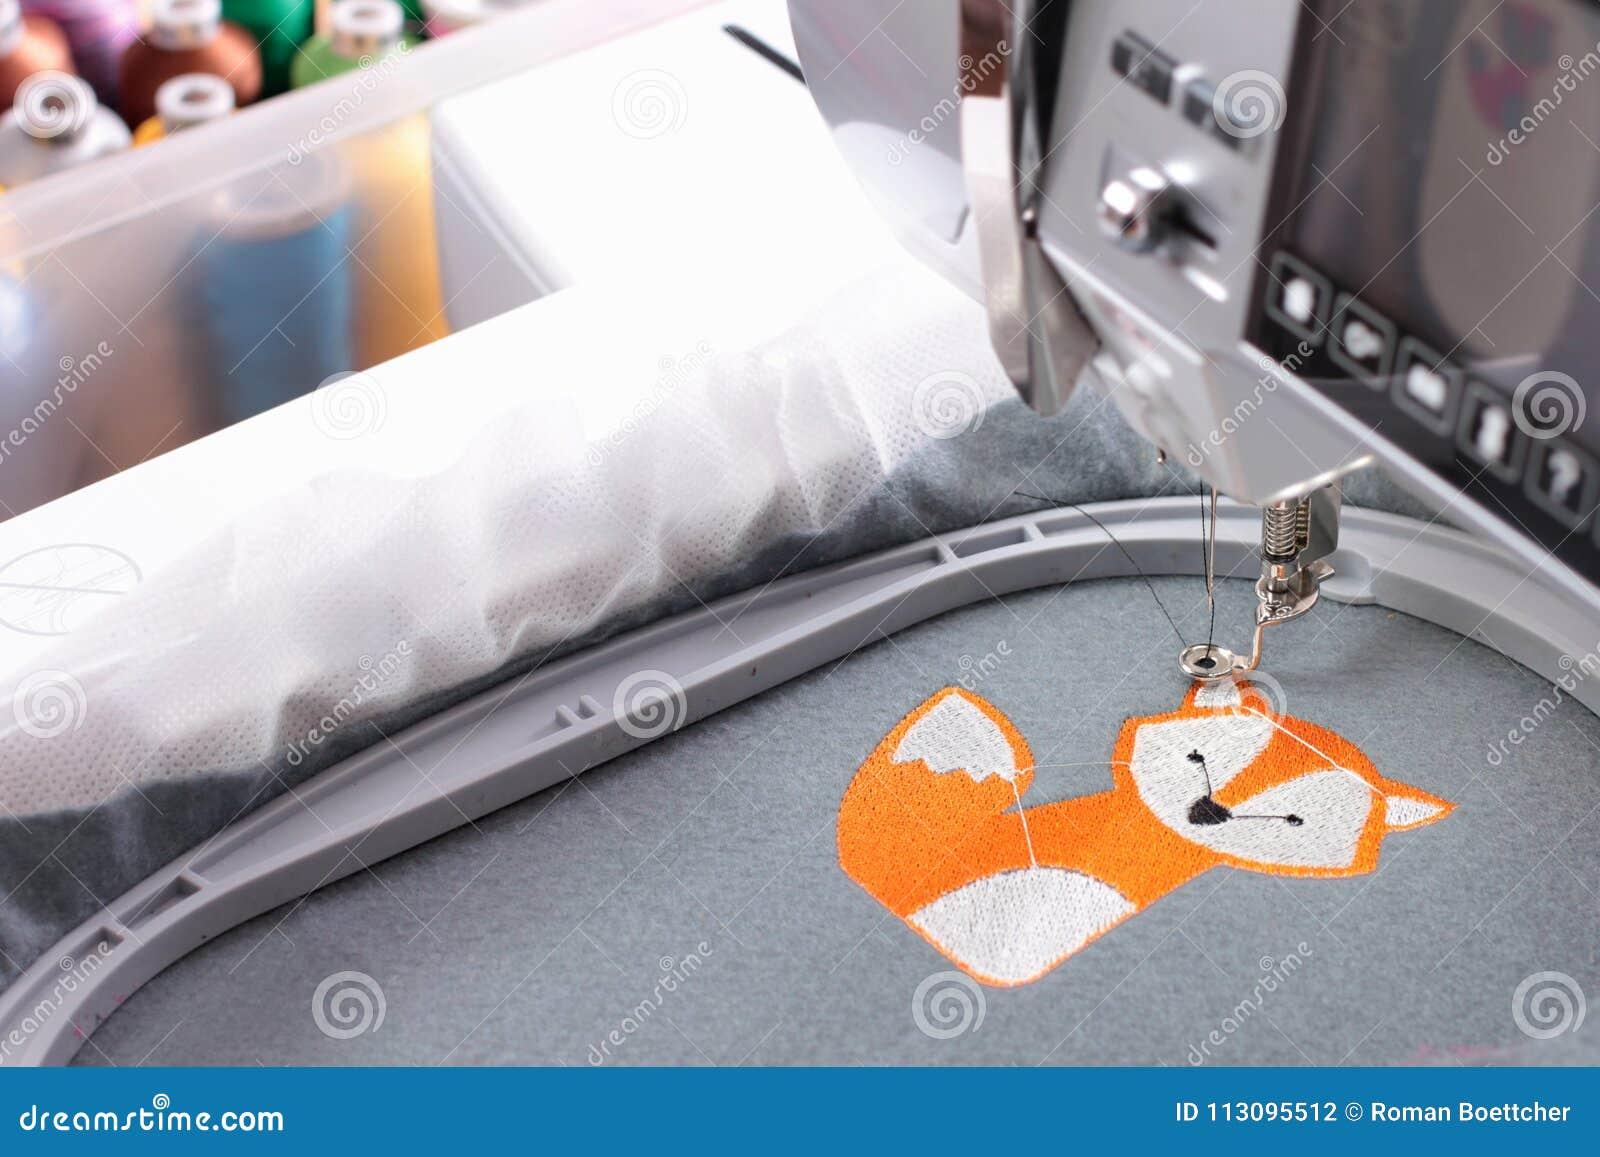 与刺绣机器-狐狸题材的刺绣